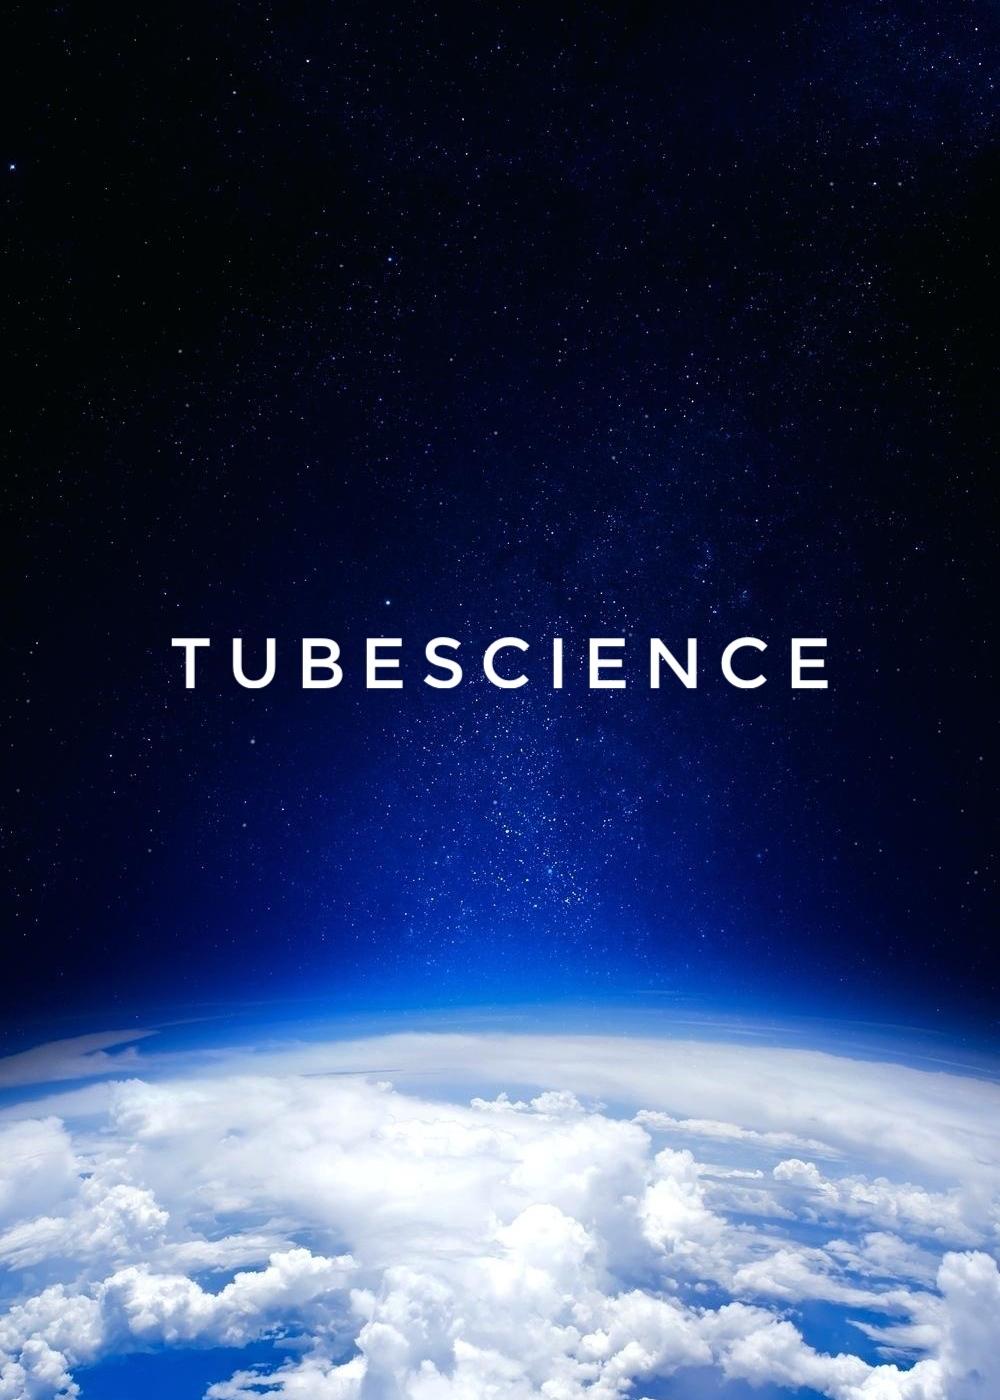 TubeScience